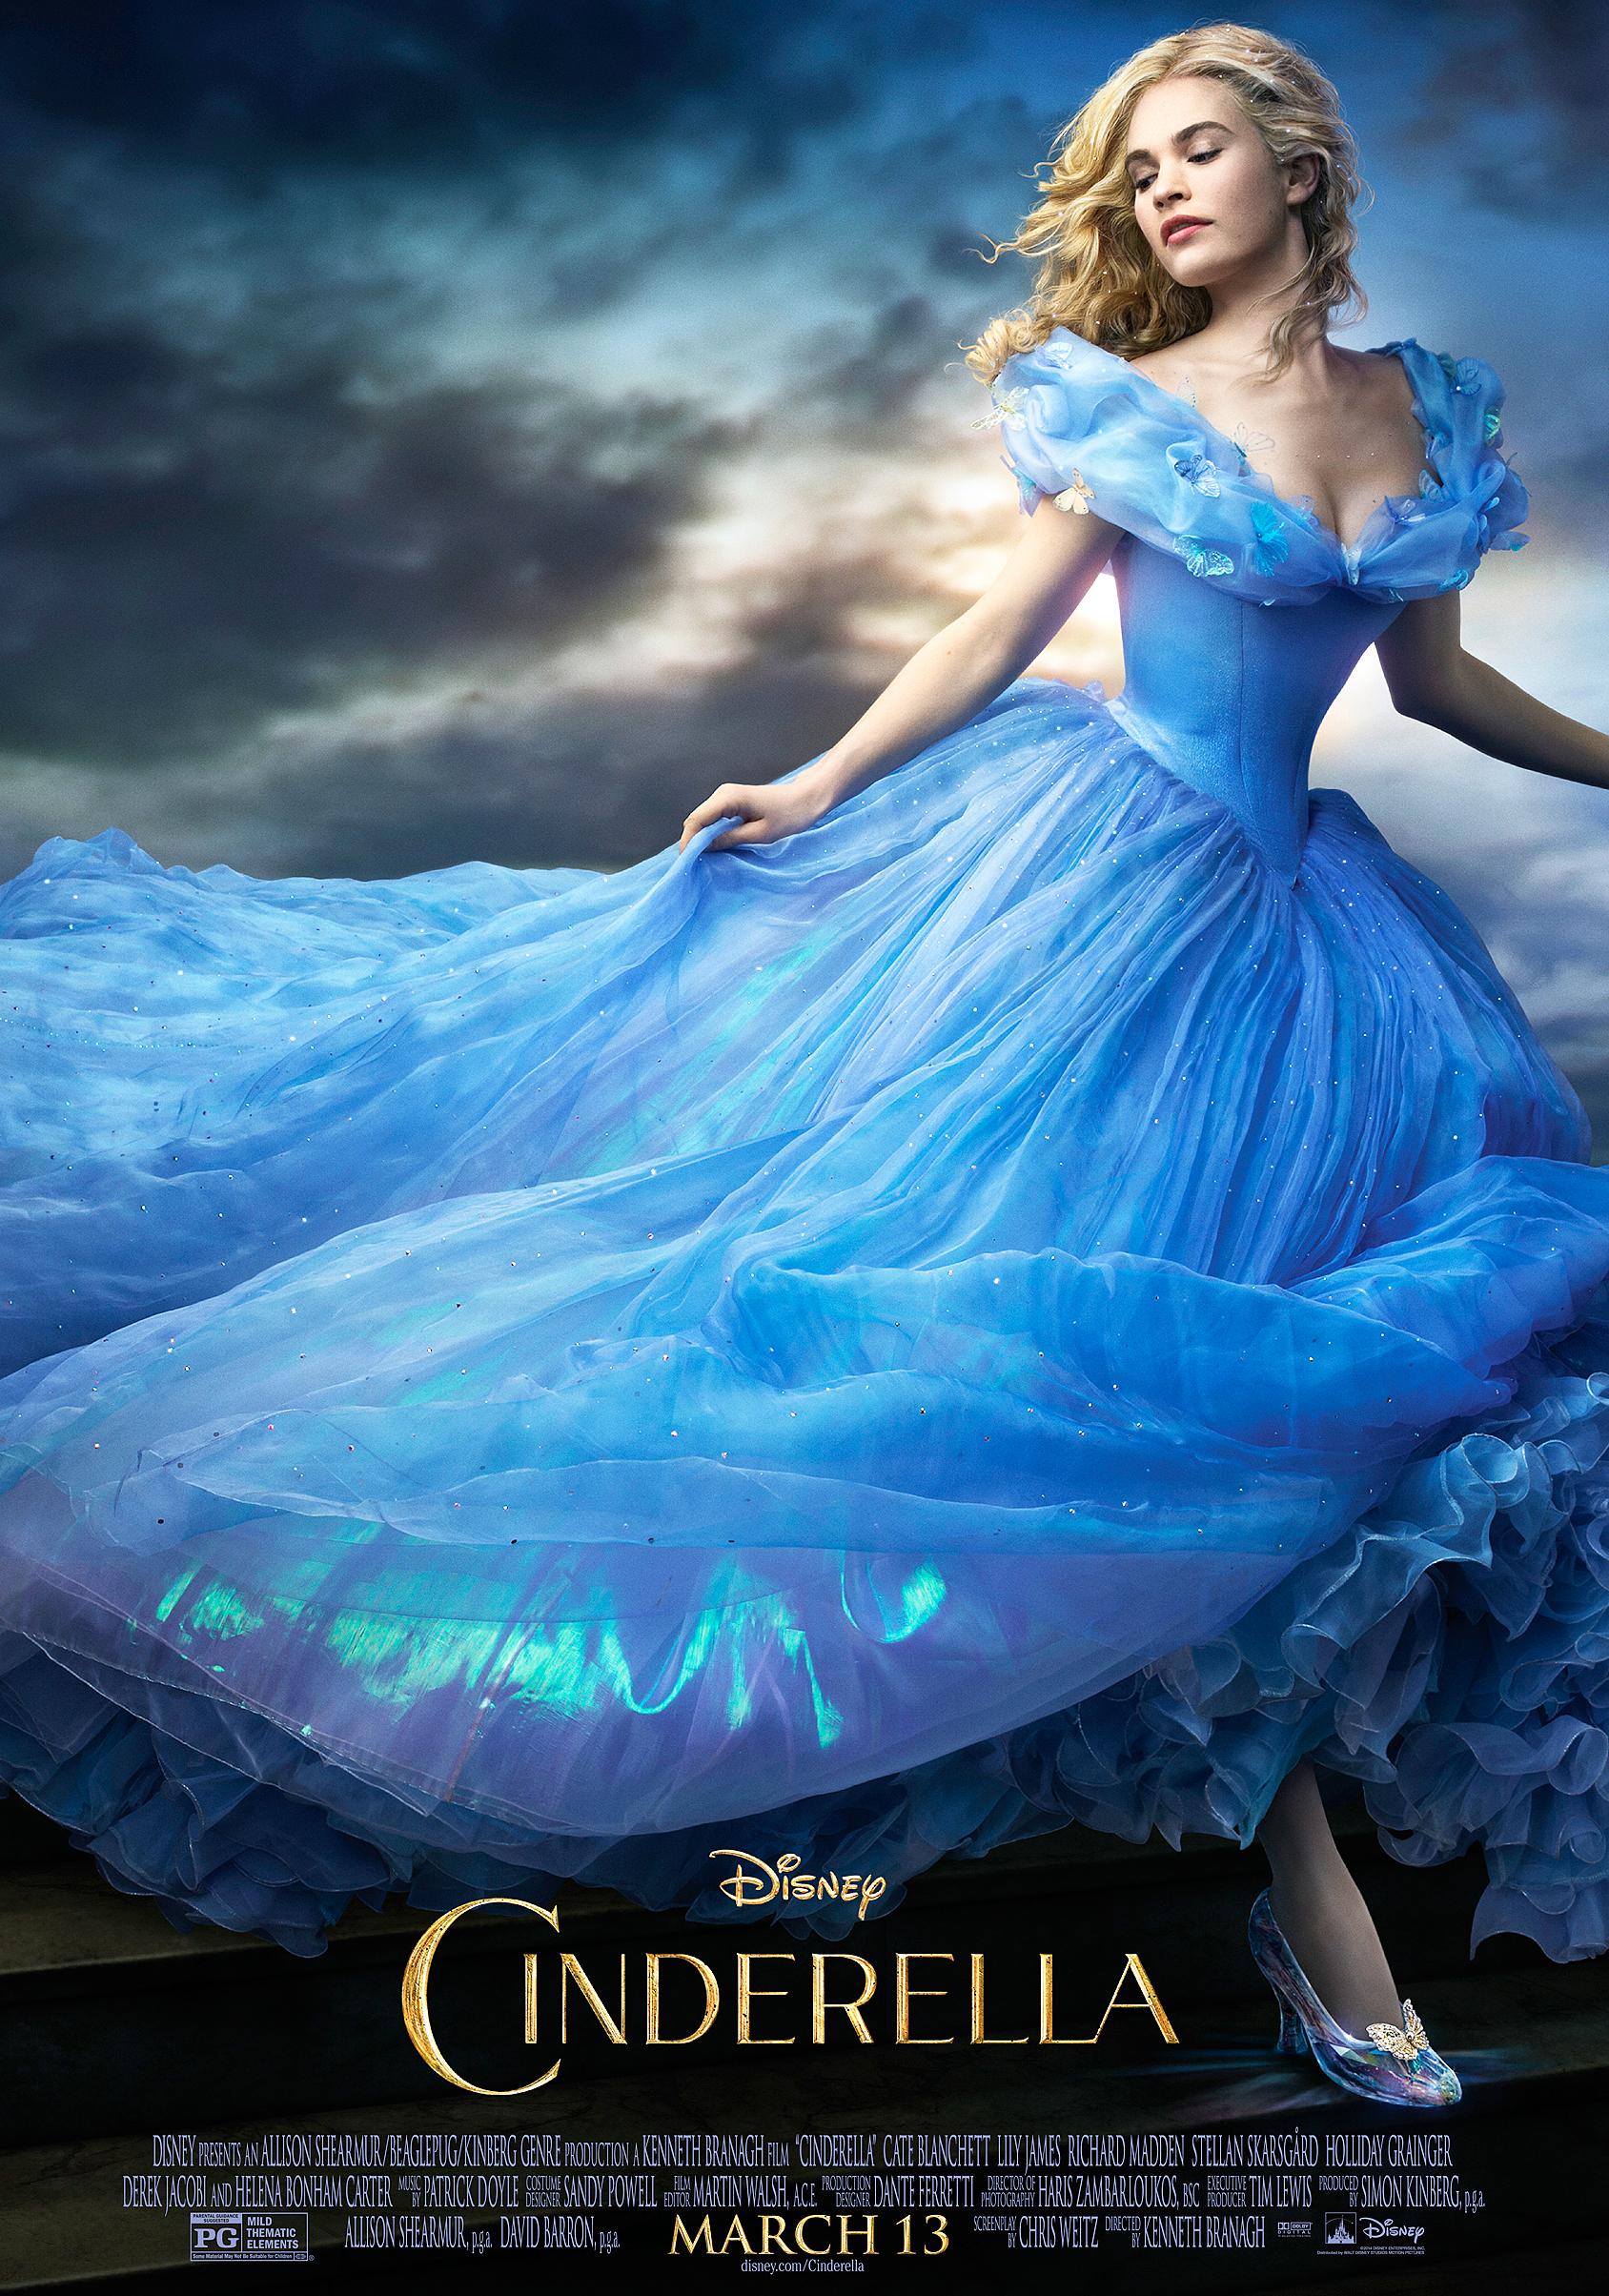 Holmes Likened Cinderella's